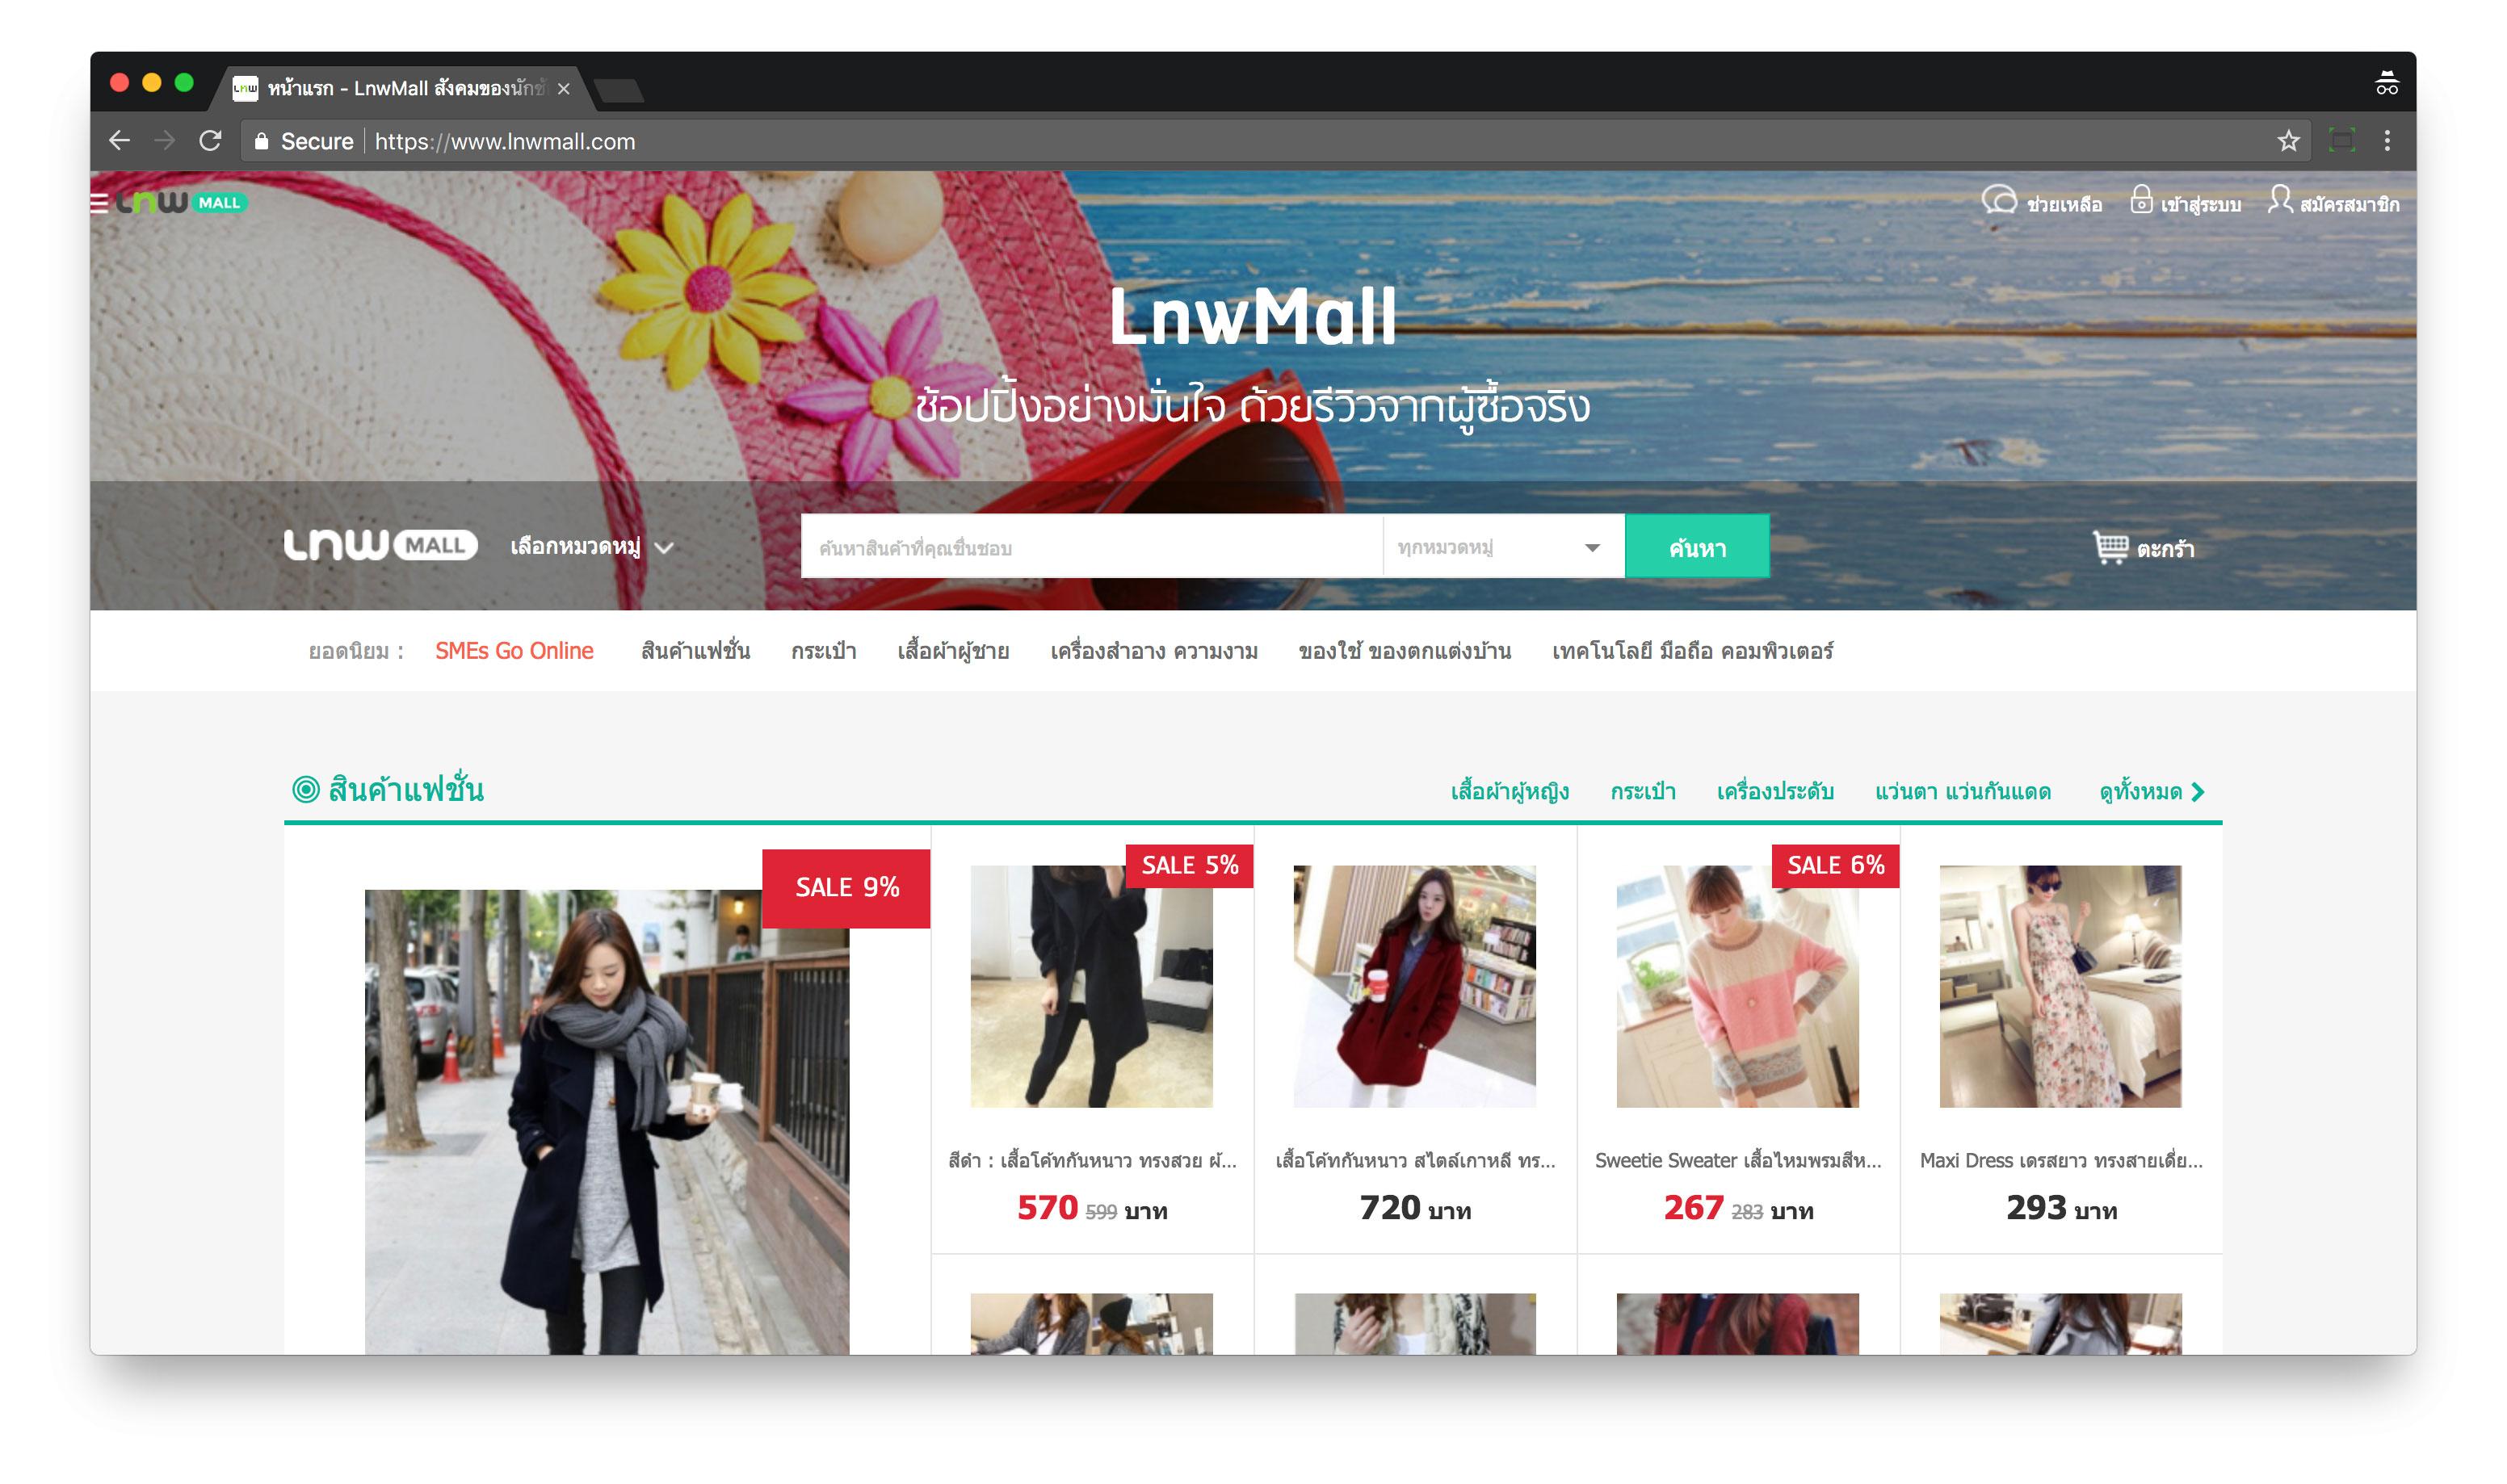 www.LnwMall.com